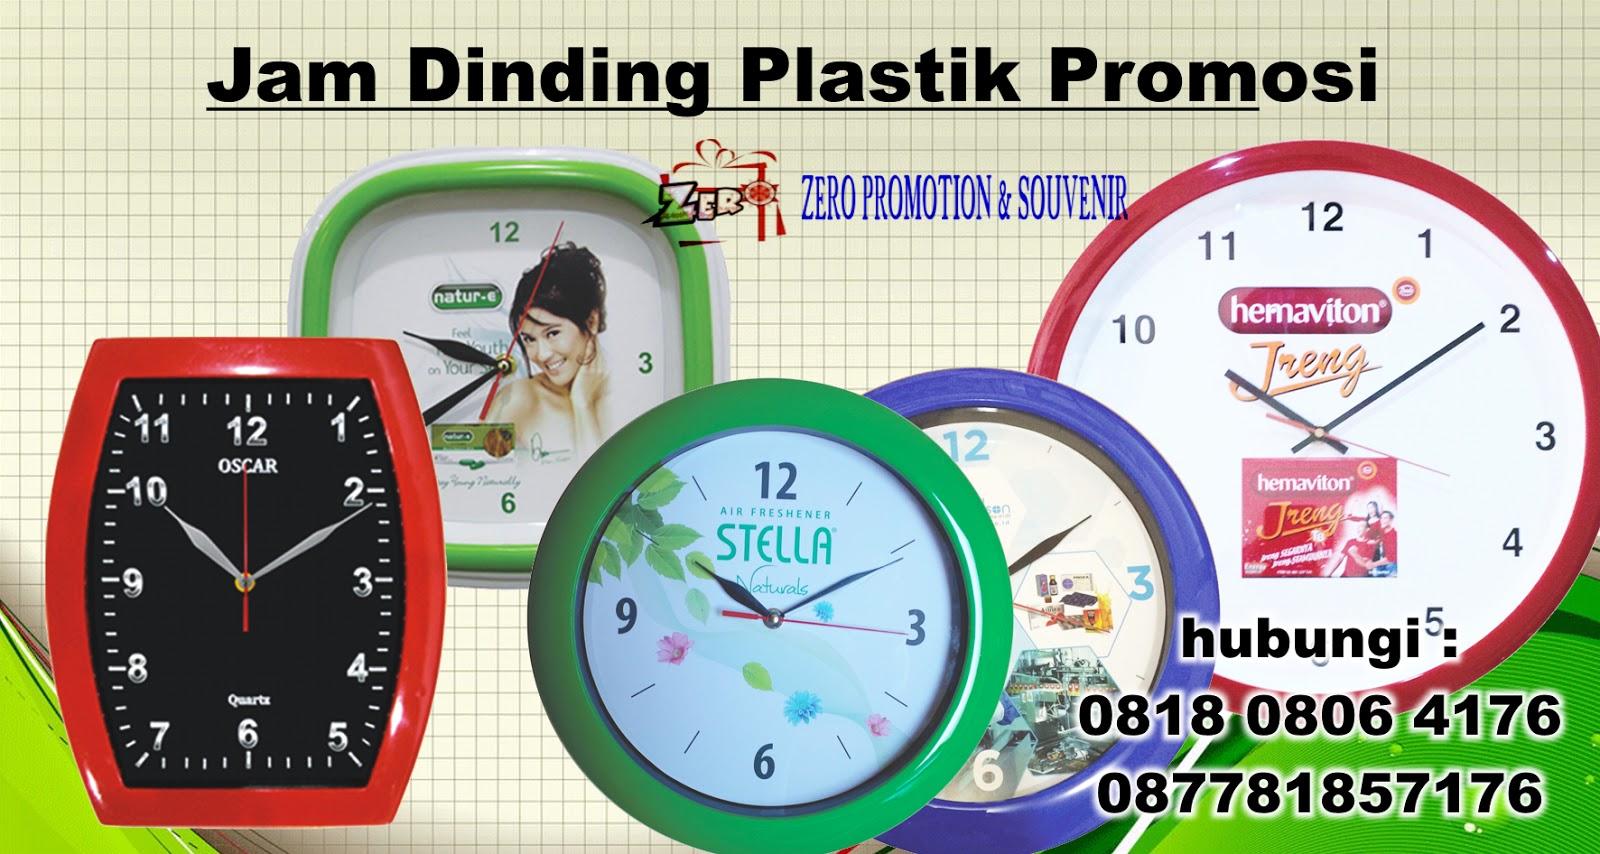 Produksi Jam Dinding Plastik Promosi  f33a0d8d04